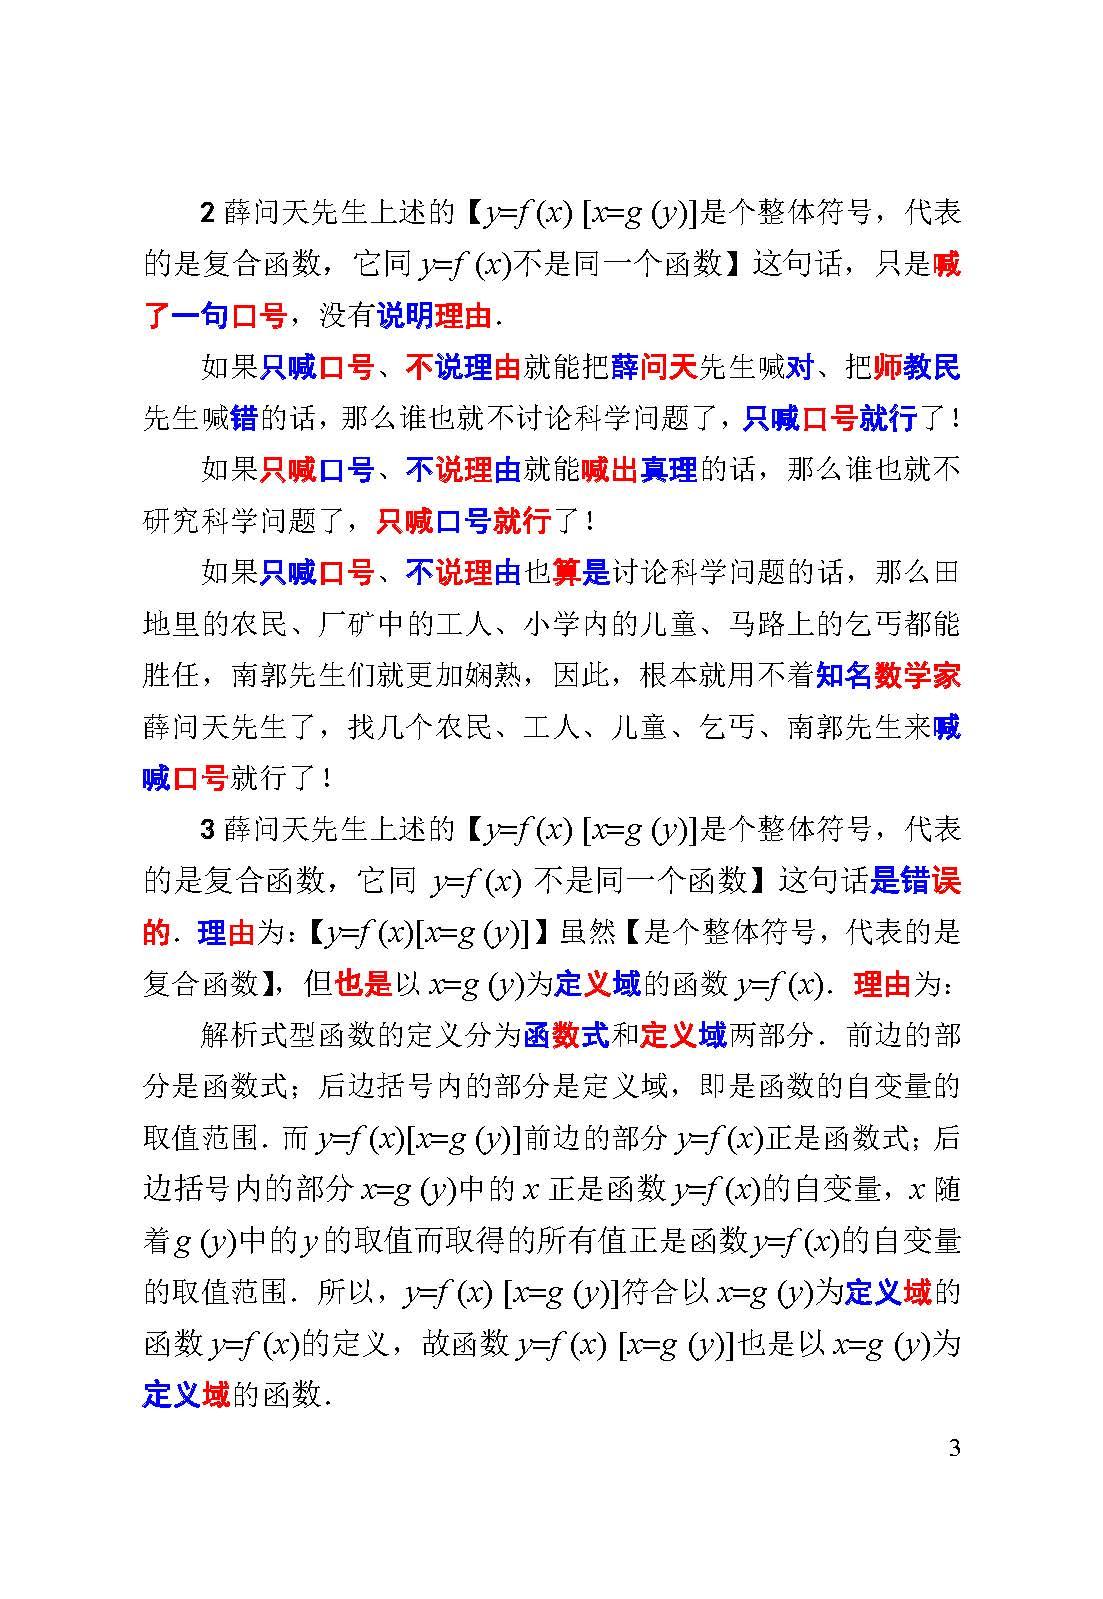 评薛问天先生的文章0366_页面_03.jpg